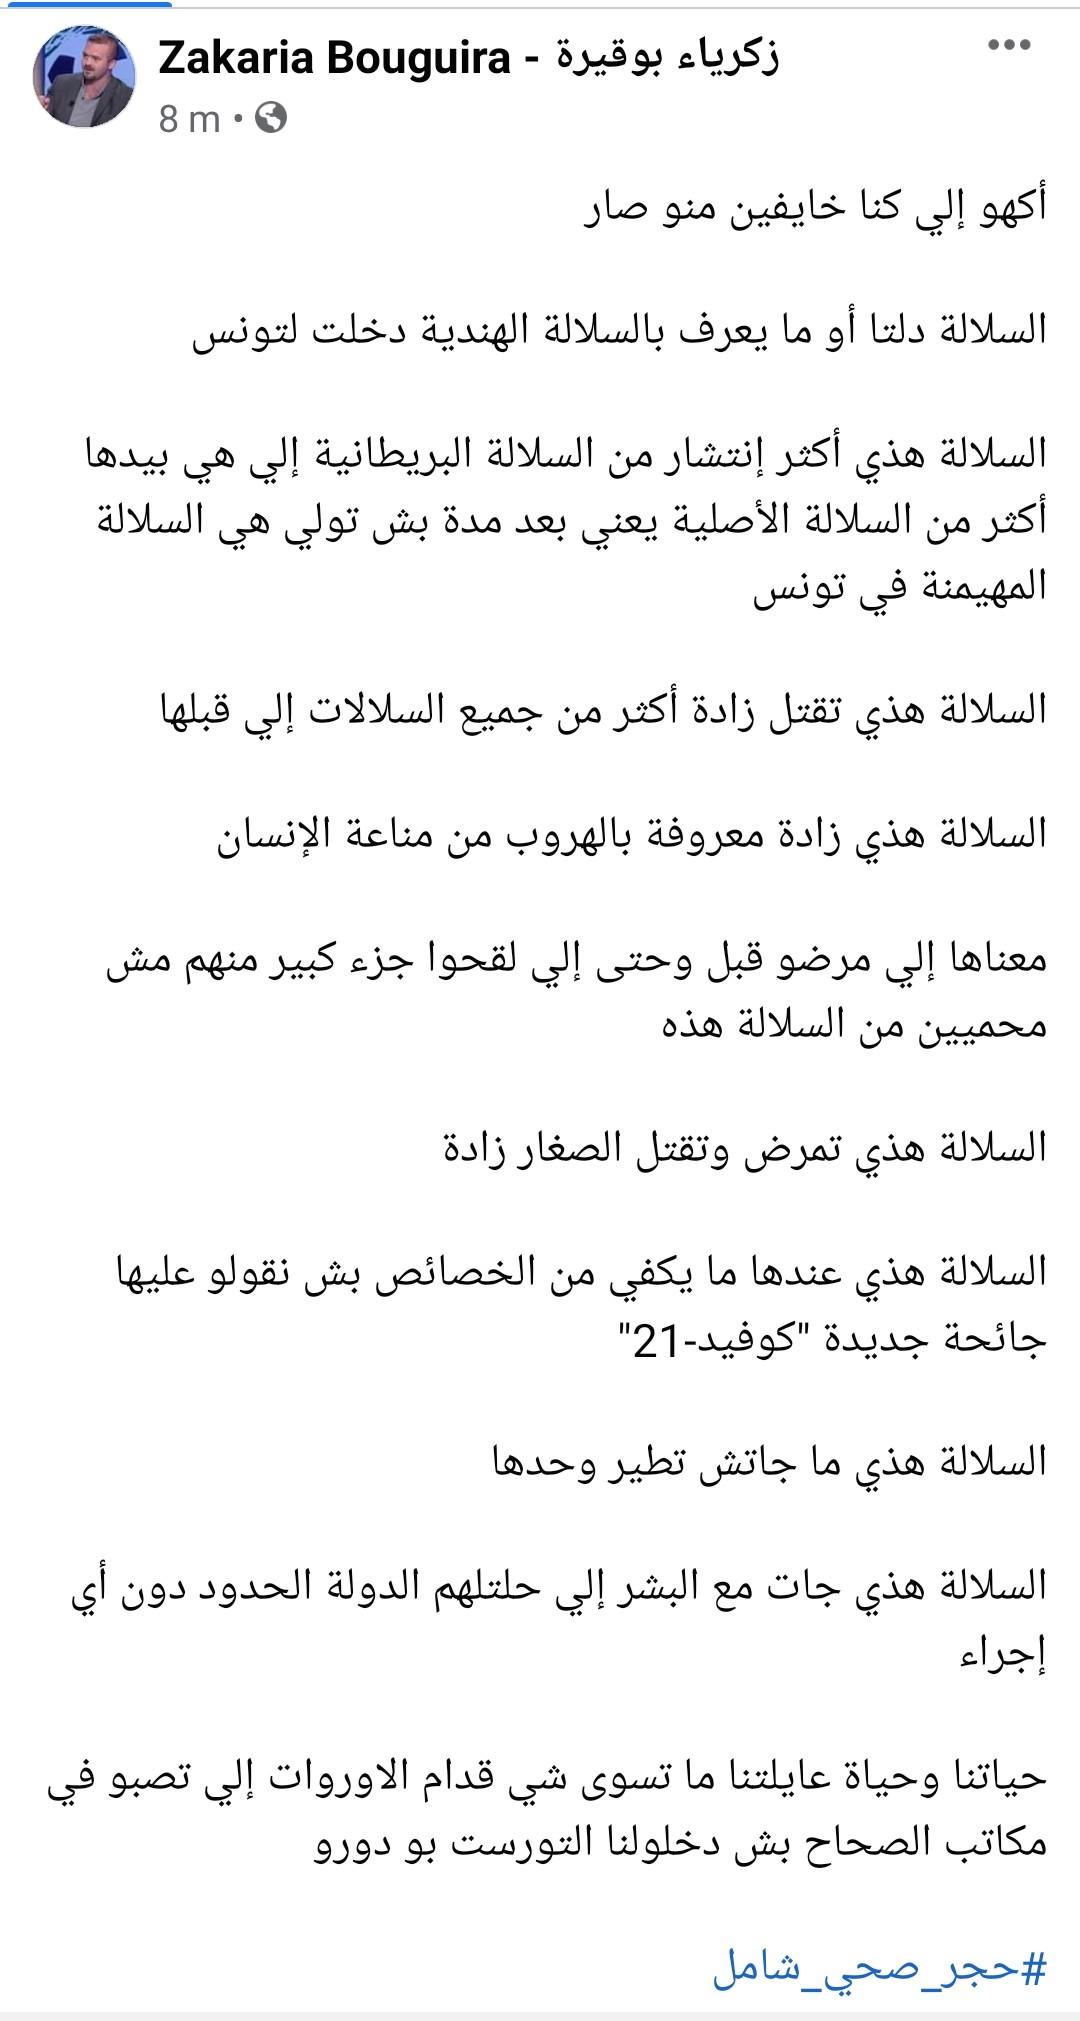 Screenshot 20210623 124021 Facebook - عاجل: الدكتور زكرياء بوقرة يؤكد دخول هذه السلالة الى تونس ويحذر..